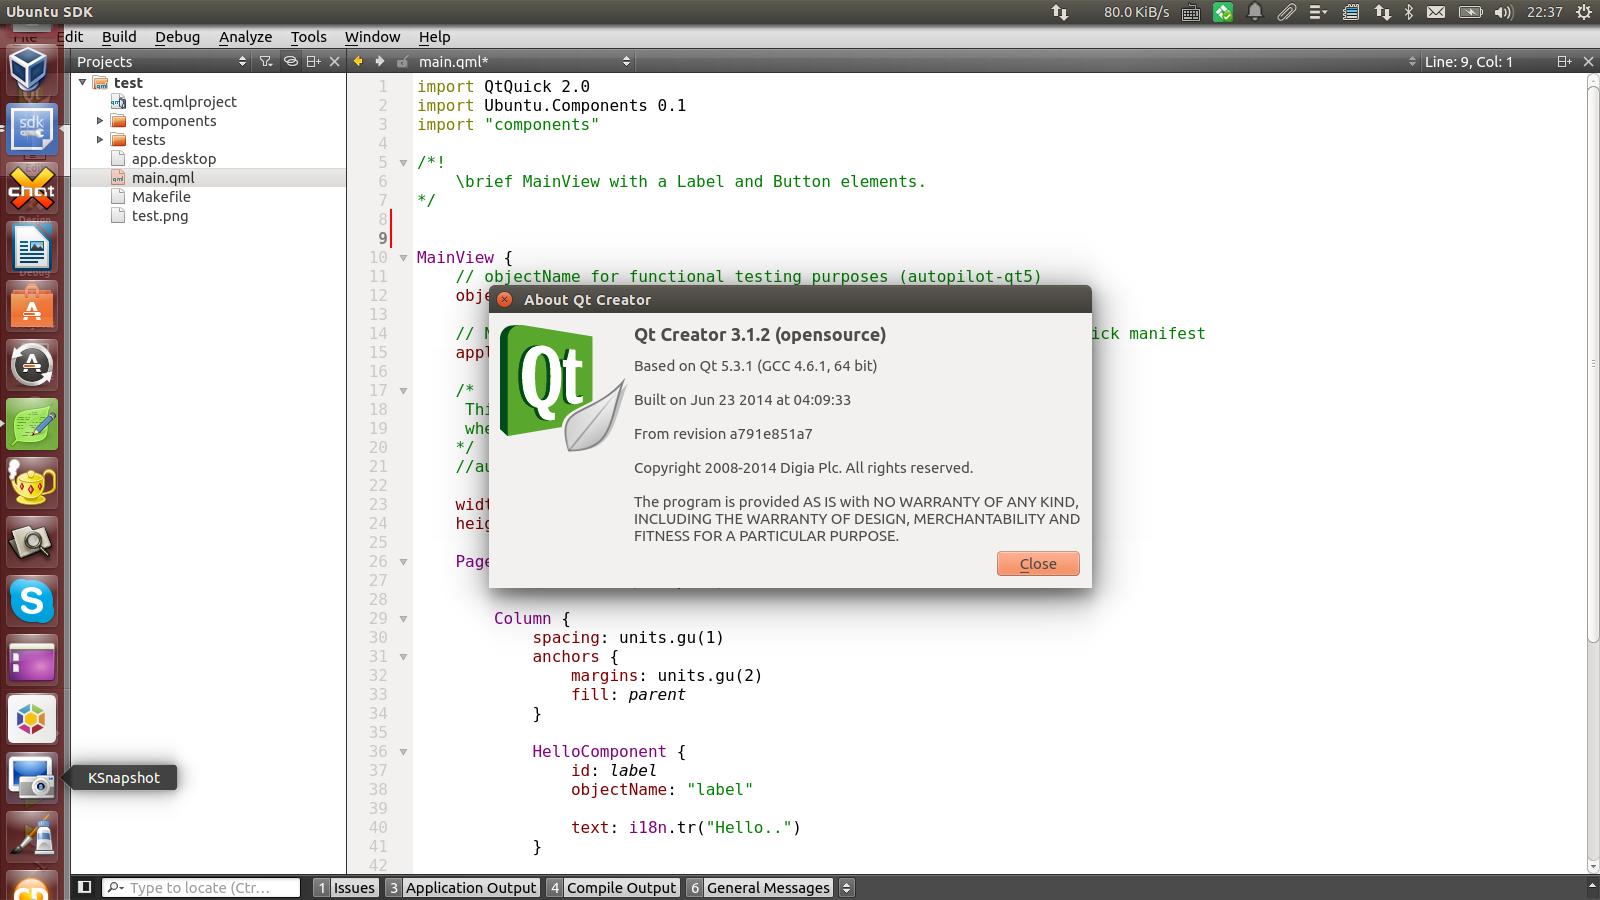 qt creator 5.2.1